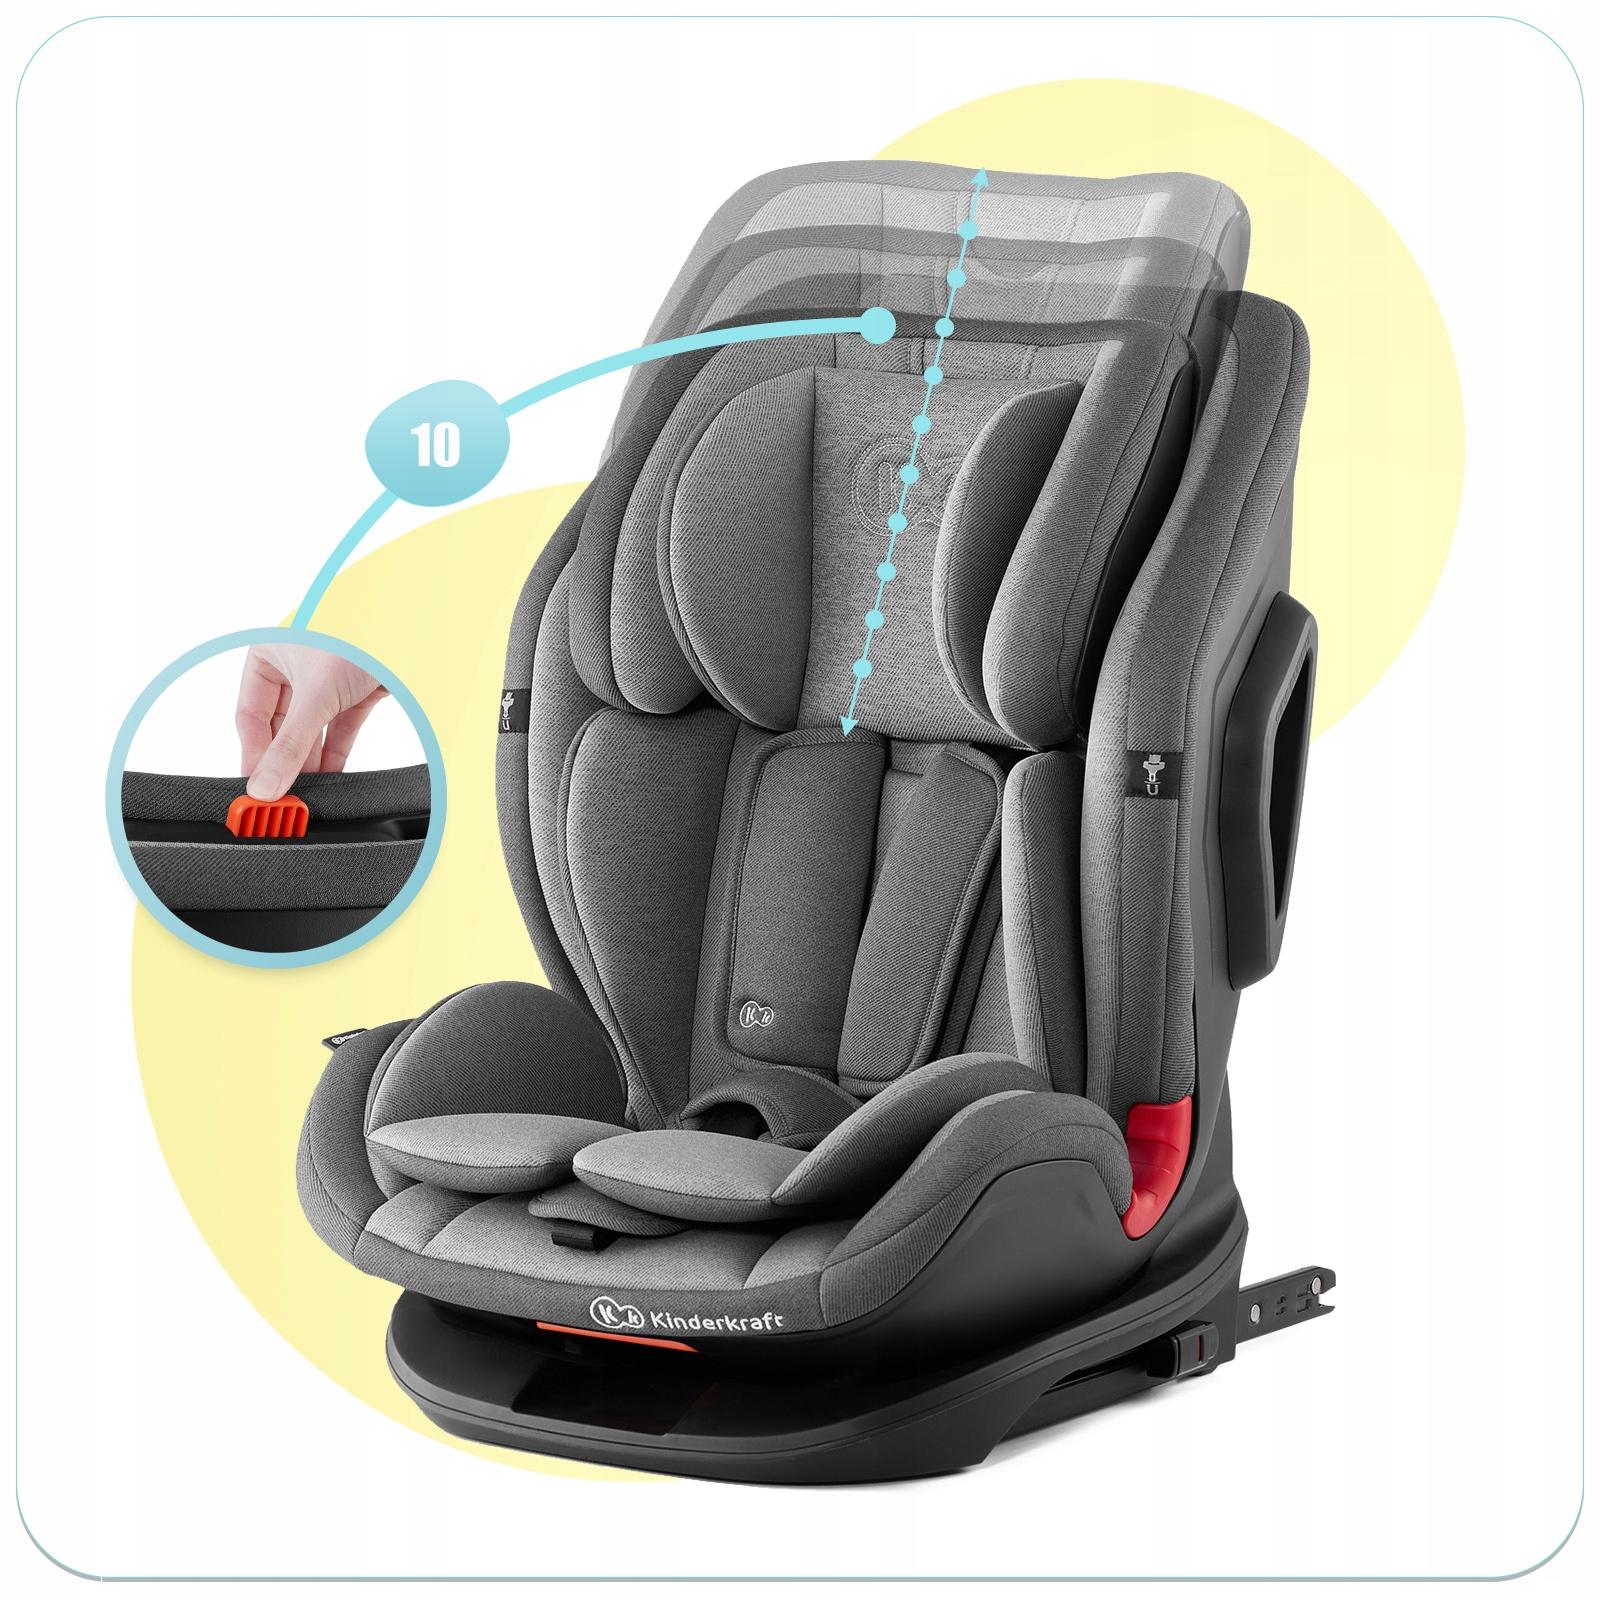 Fotelik Samochodowy 936 isofix Kinderkraft Oneto3 Model Oneto 3 2021